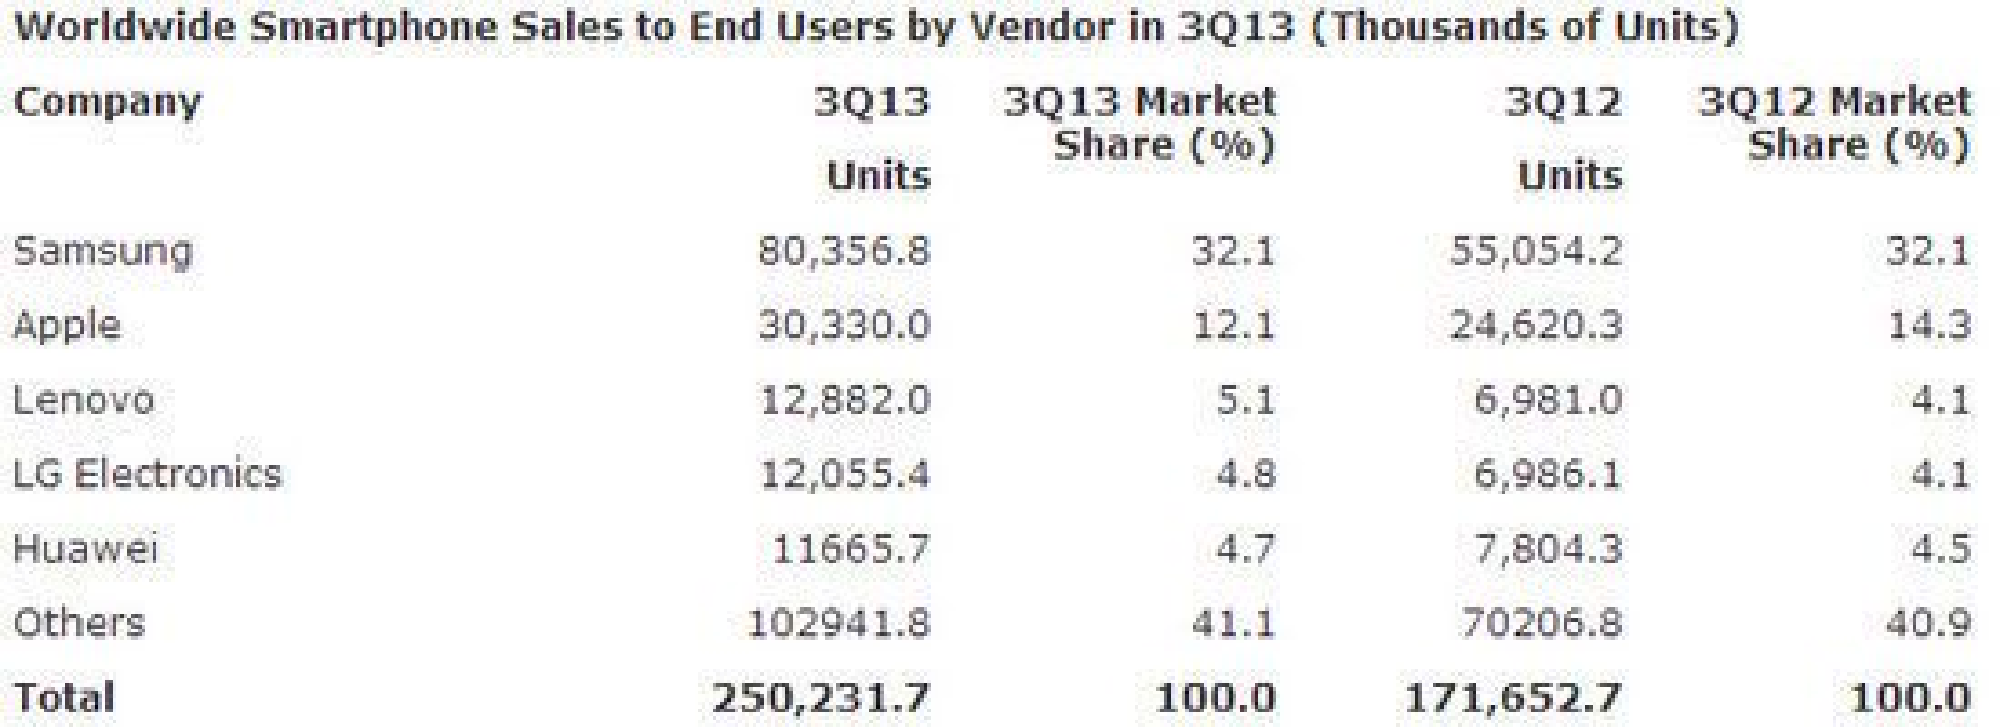 De ledende leverandørene av smartmobiler ifølge Gartner.